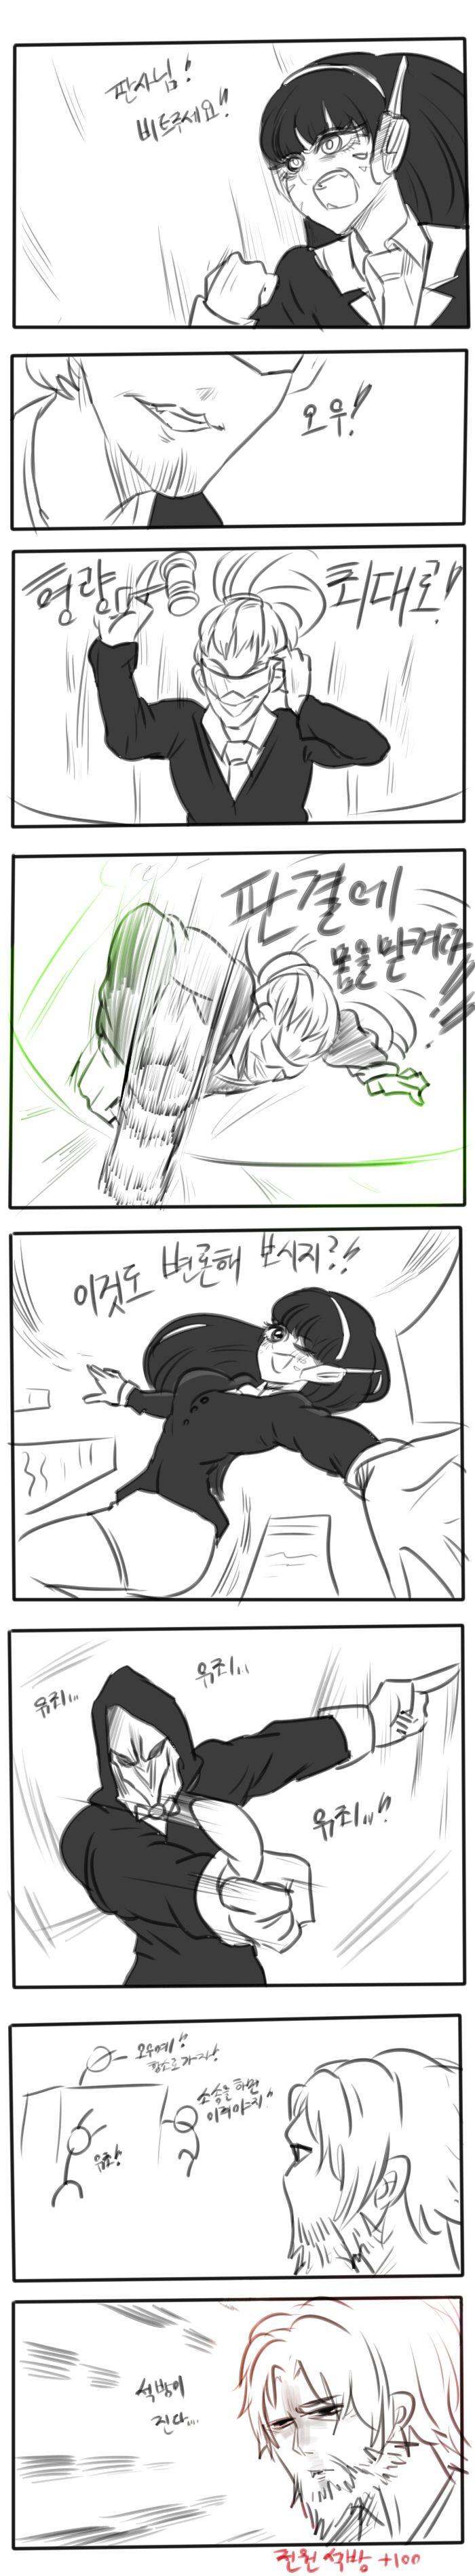 [오버워치 만화] 판사님 비트 주세요! : 네이버 블로그